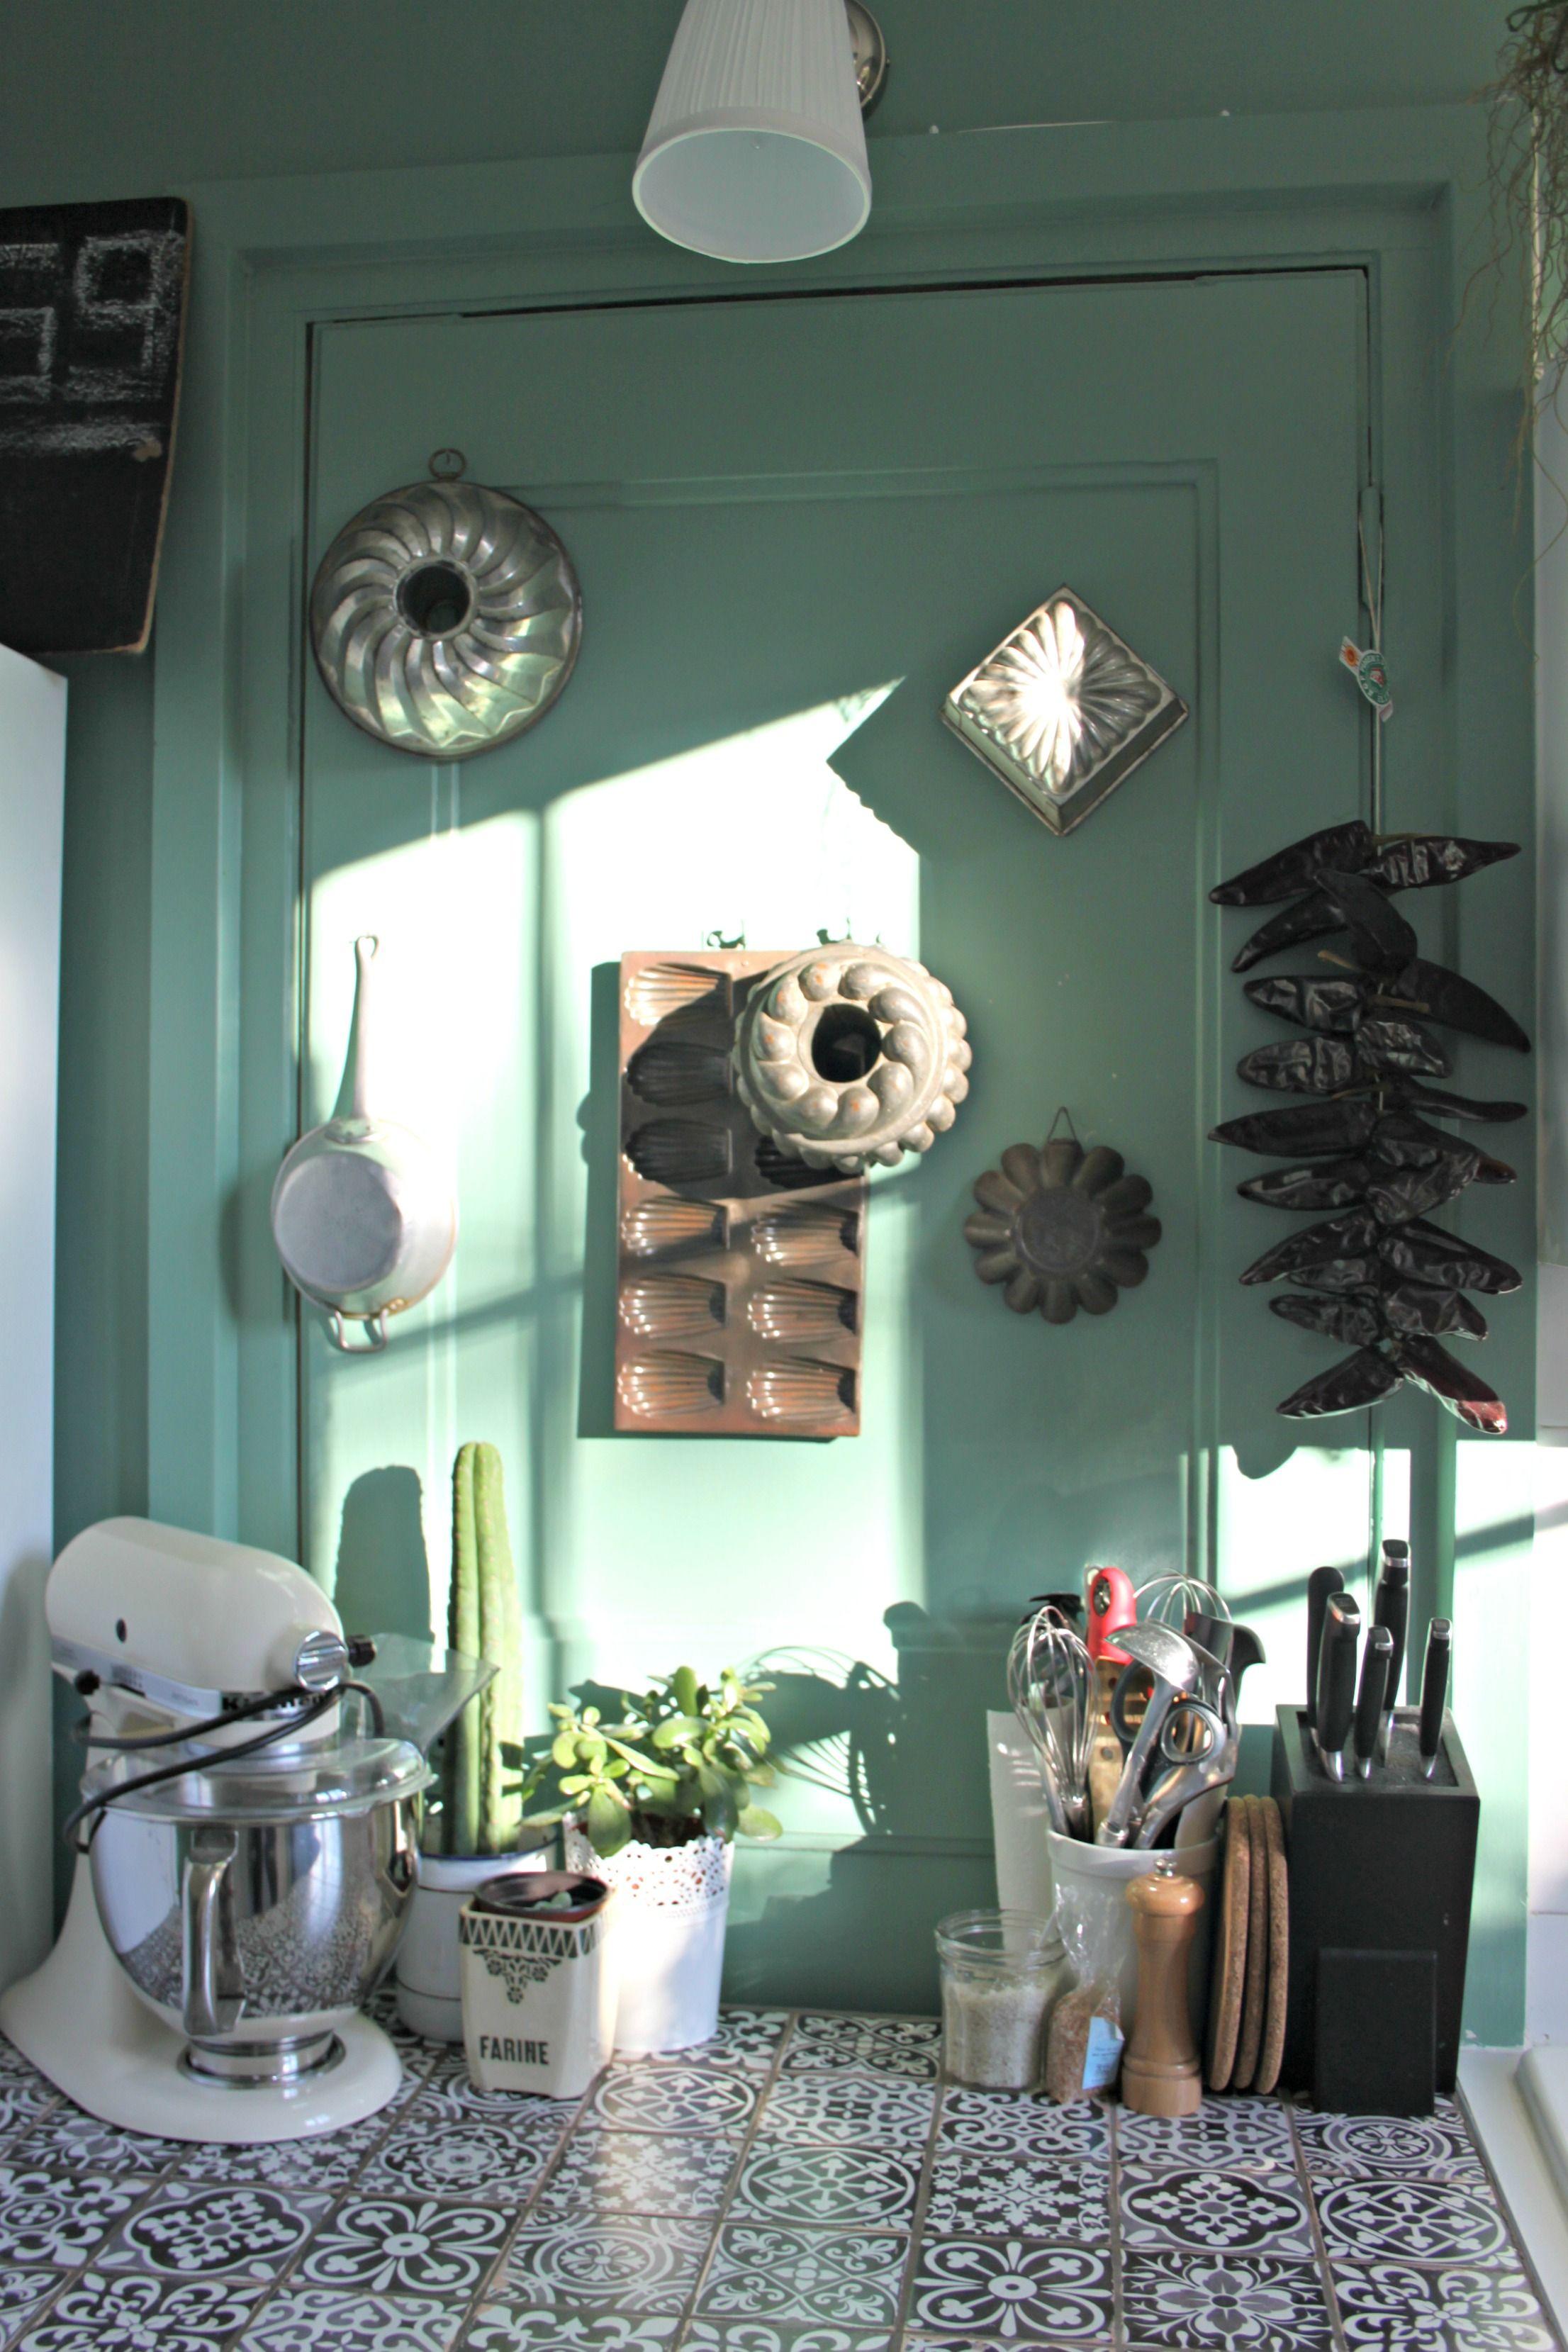 Cuisine Vintage Plan De Travail Carrelage Carreaux Ciment Mur Vert